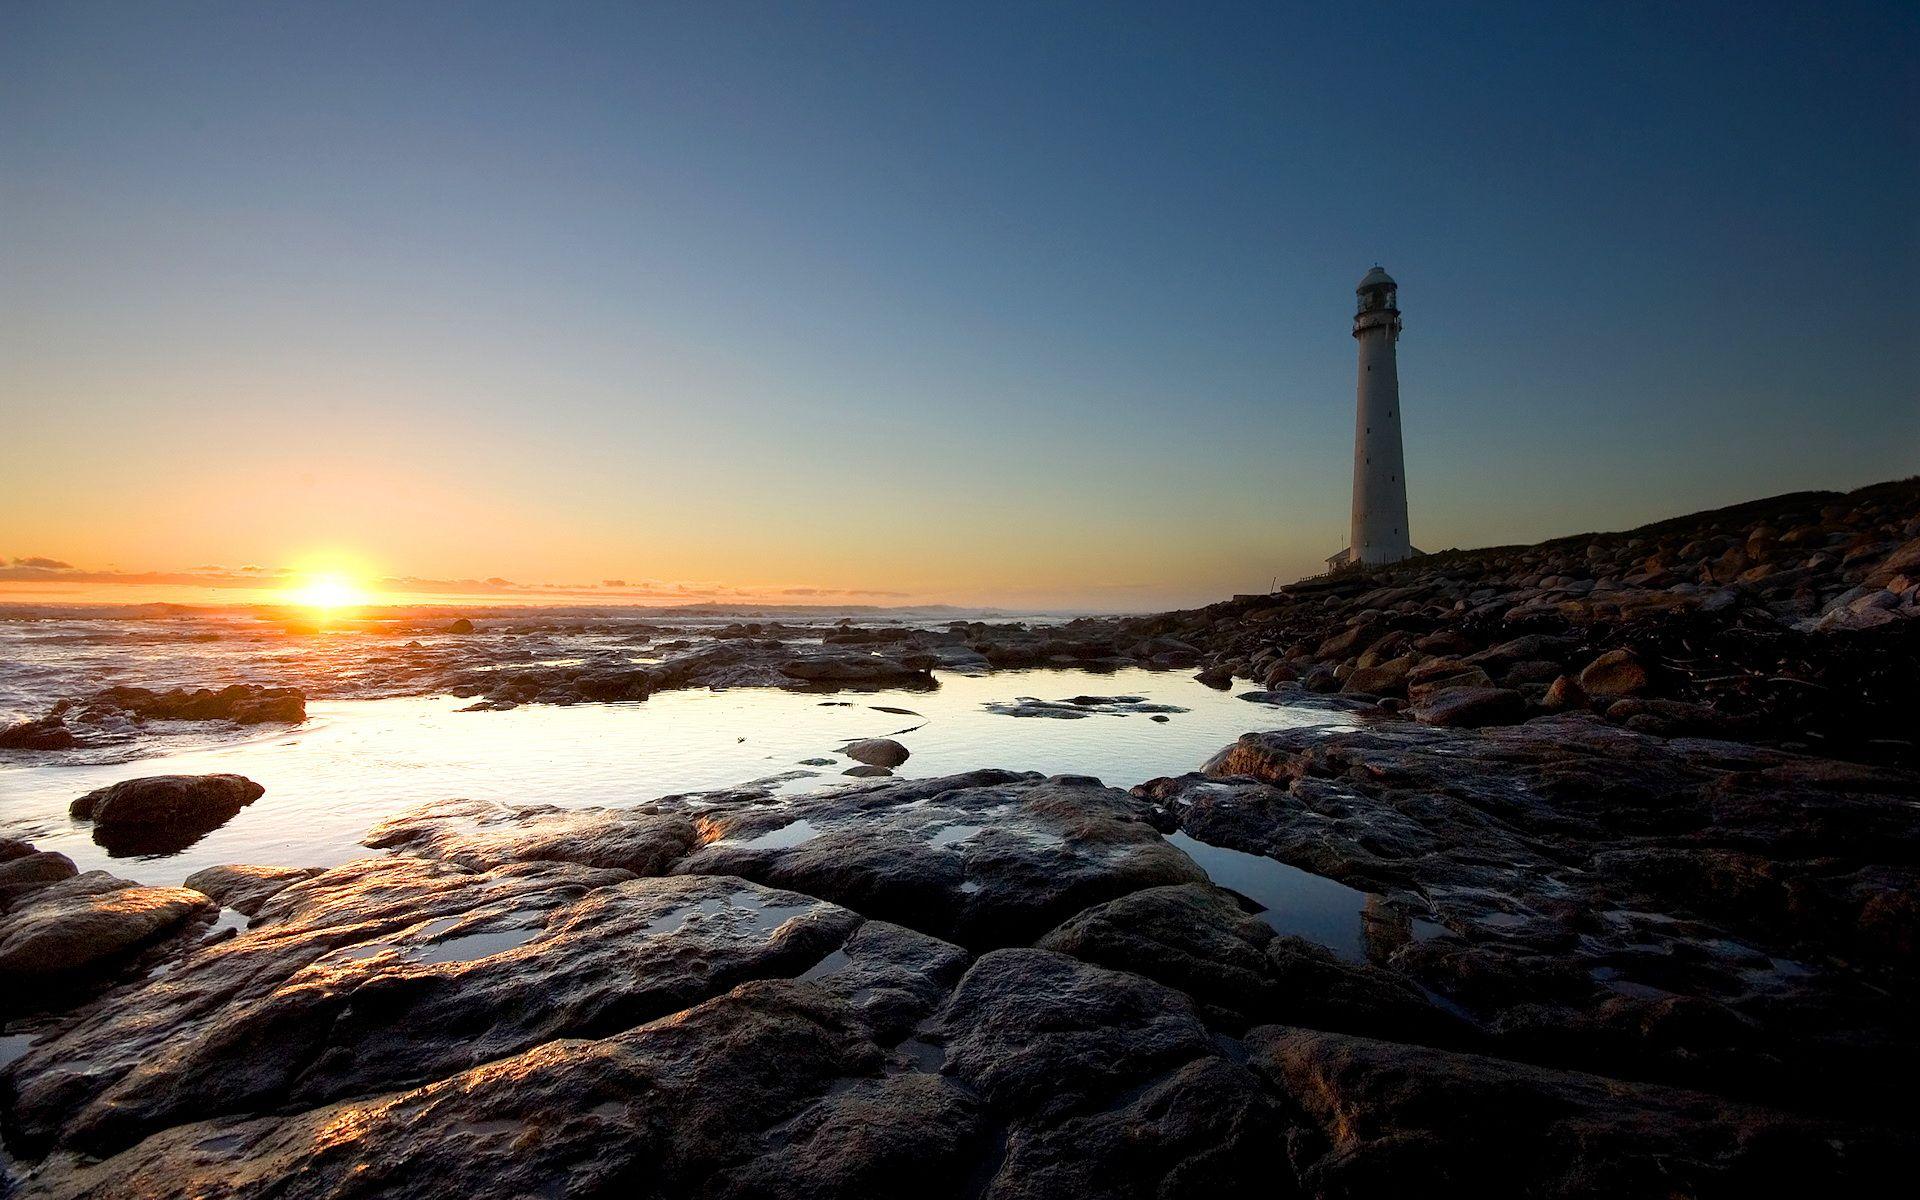 lighthouse desktop wallpaper 7900 - photo #3